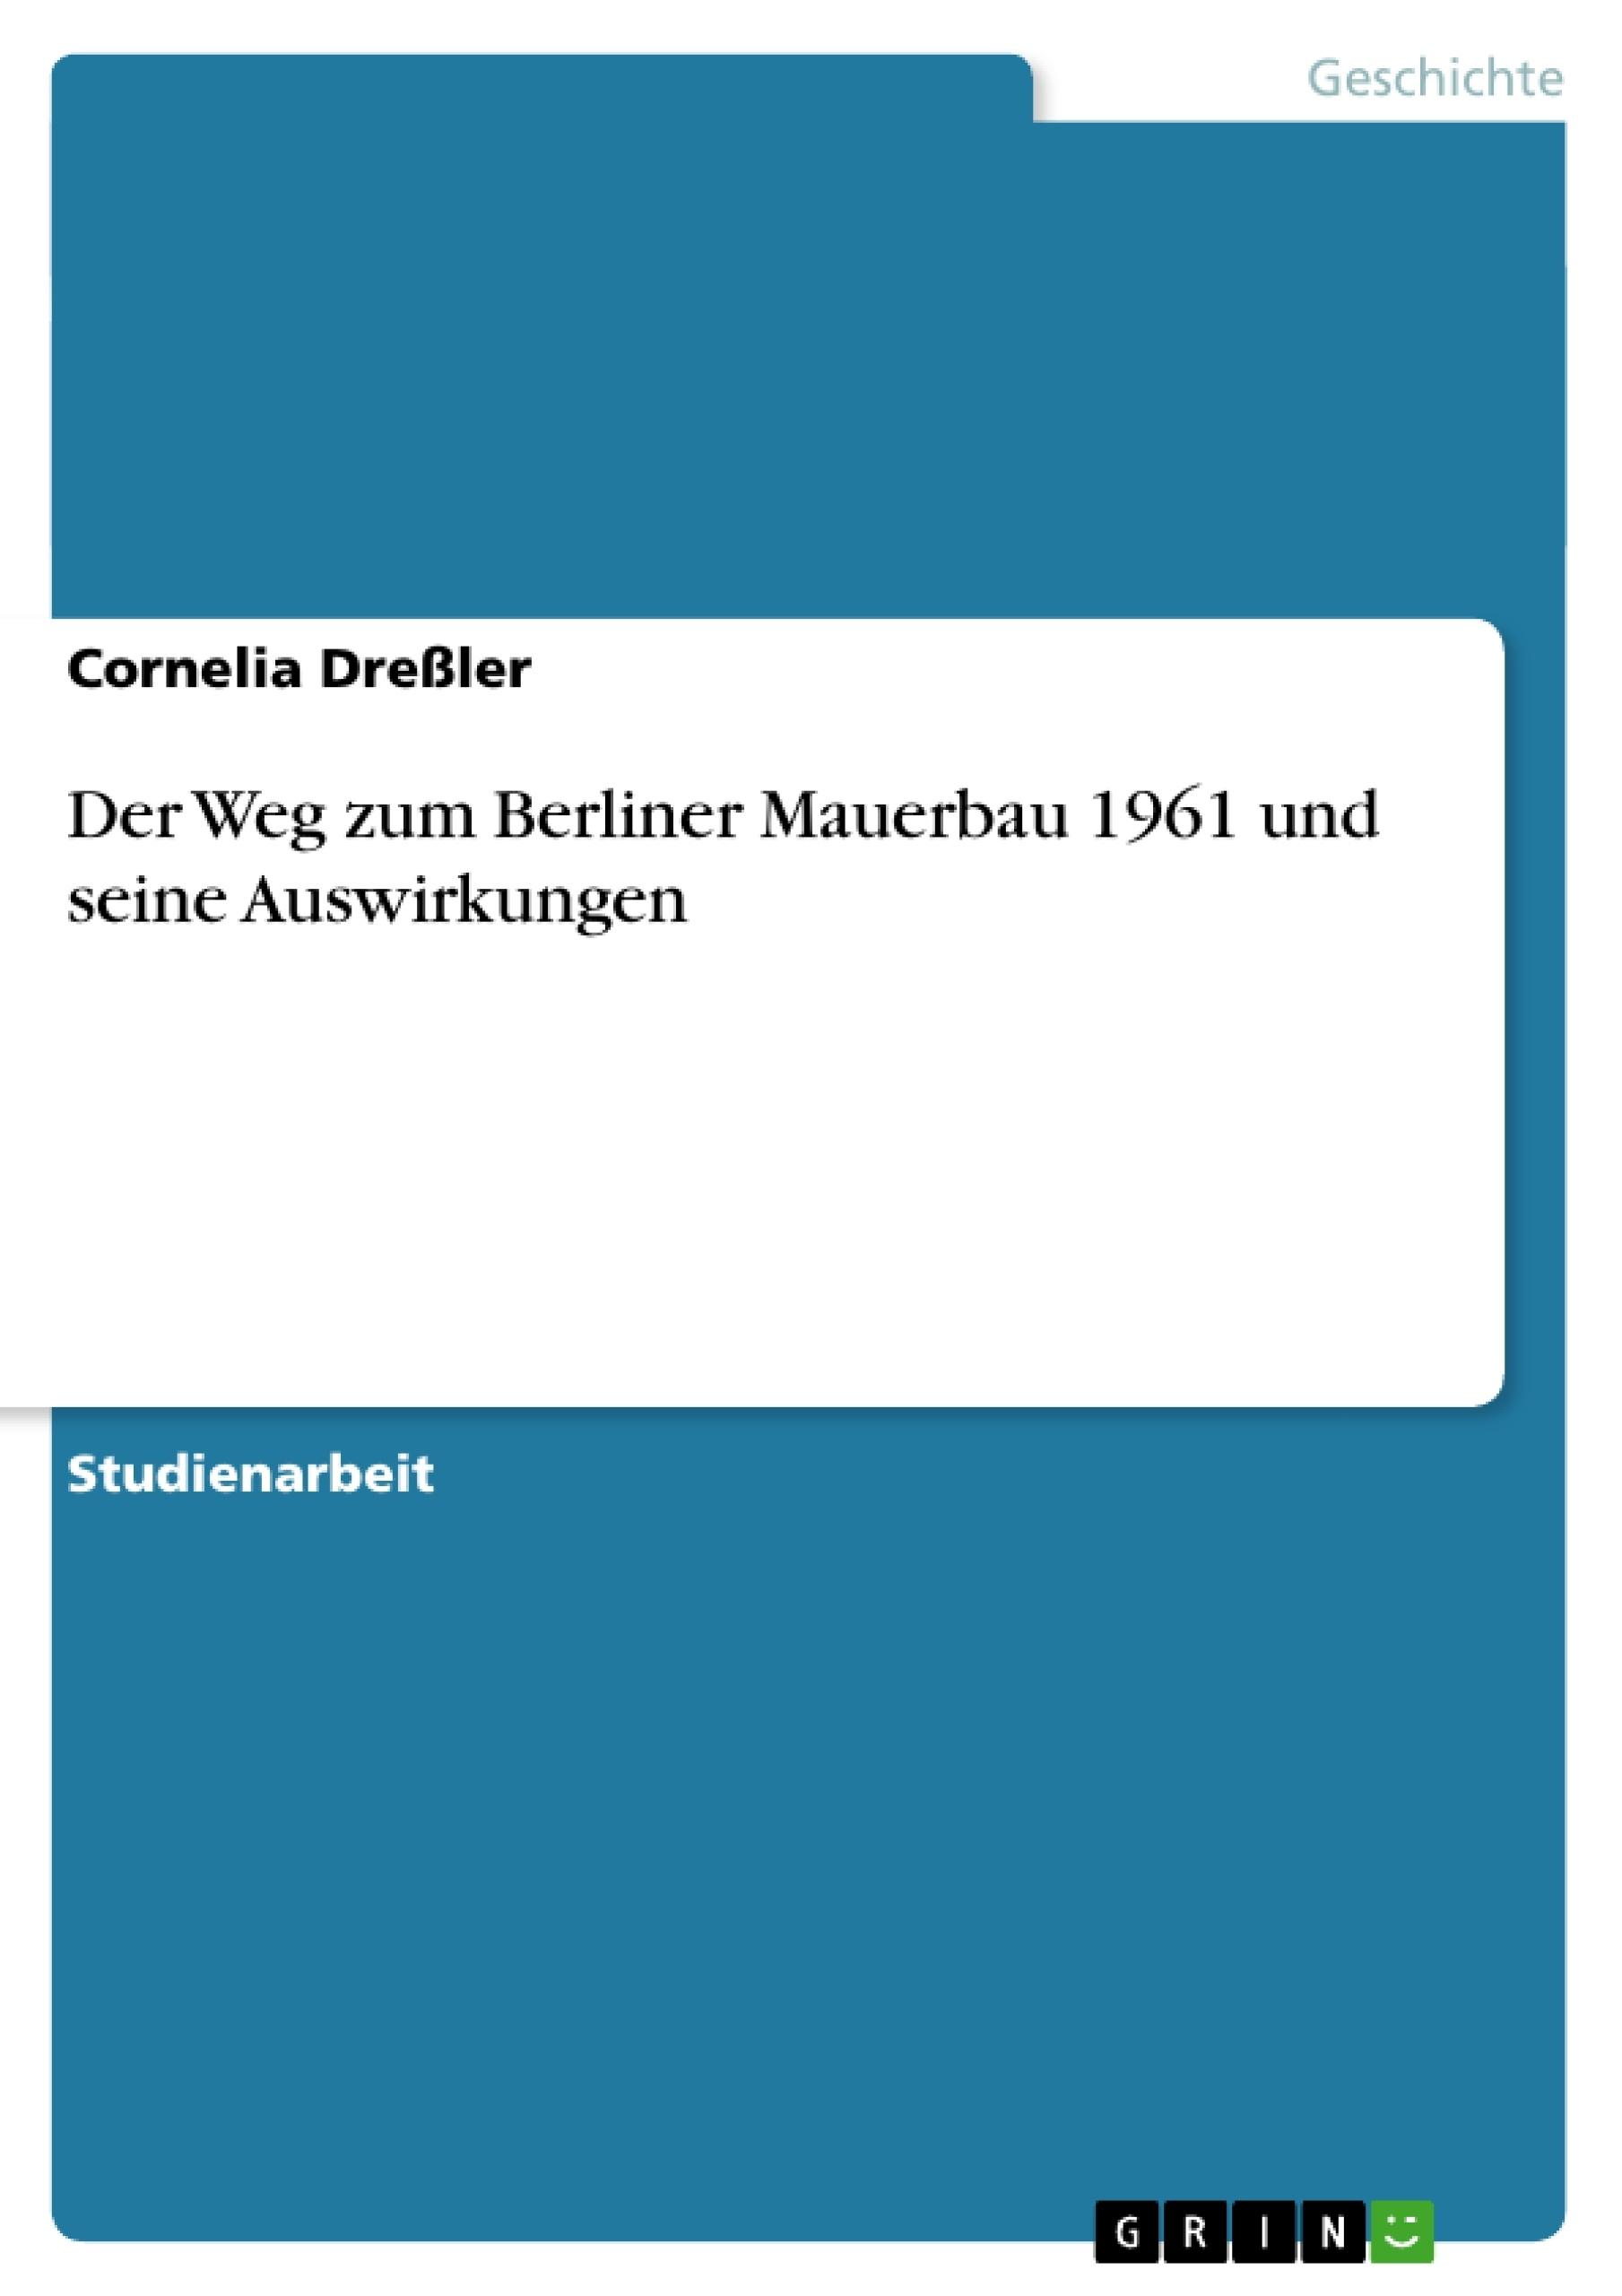 Titel: Der Weg zum Berliner Mauerbau 1961 und seine Auswirkungen